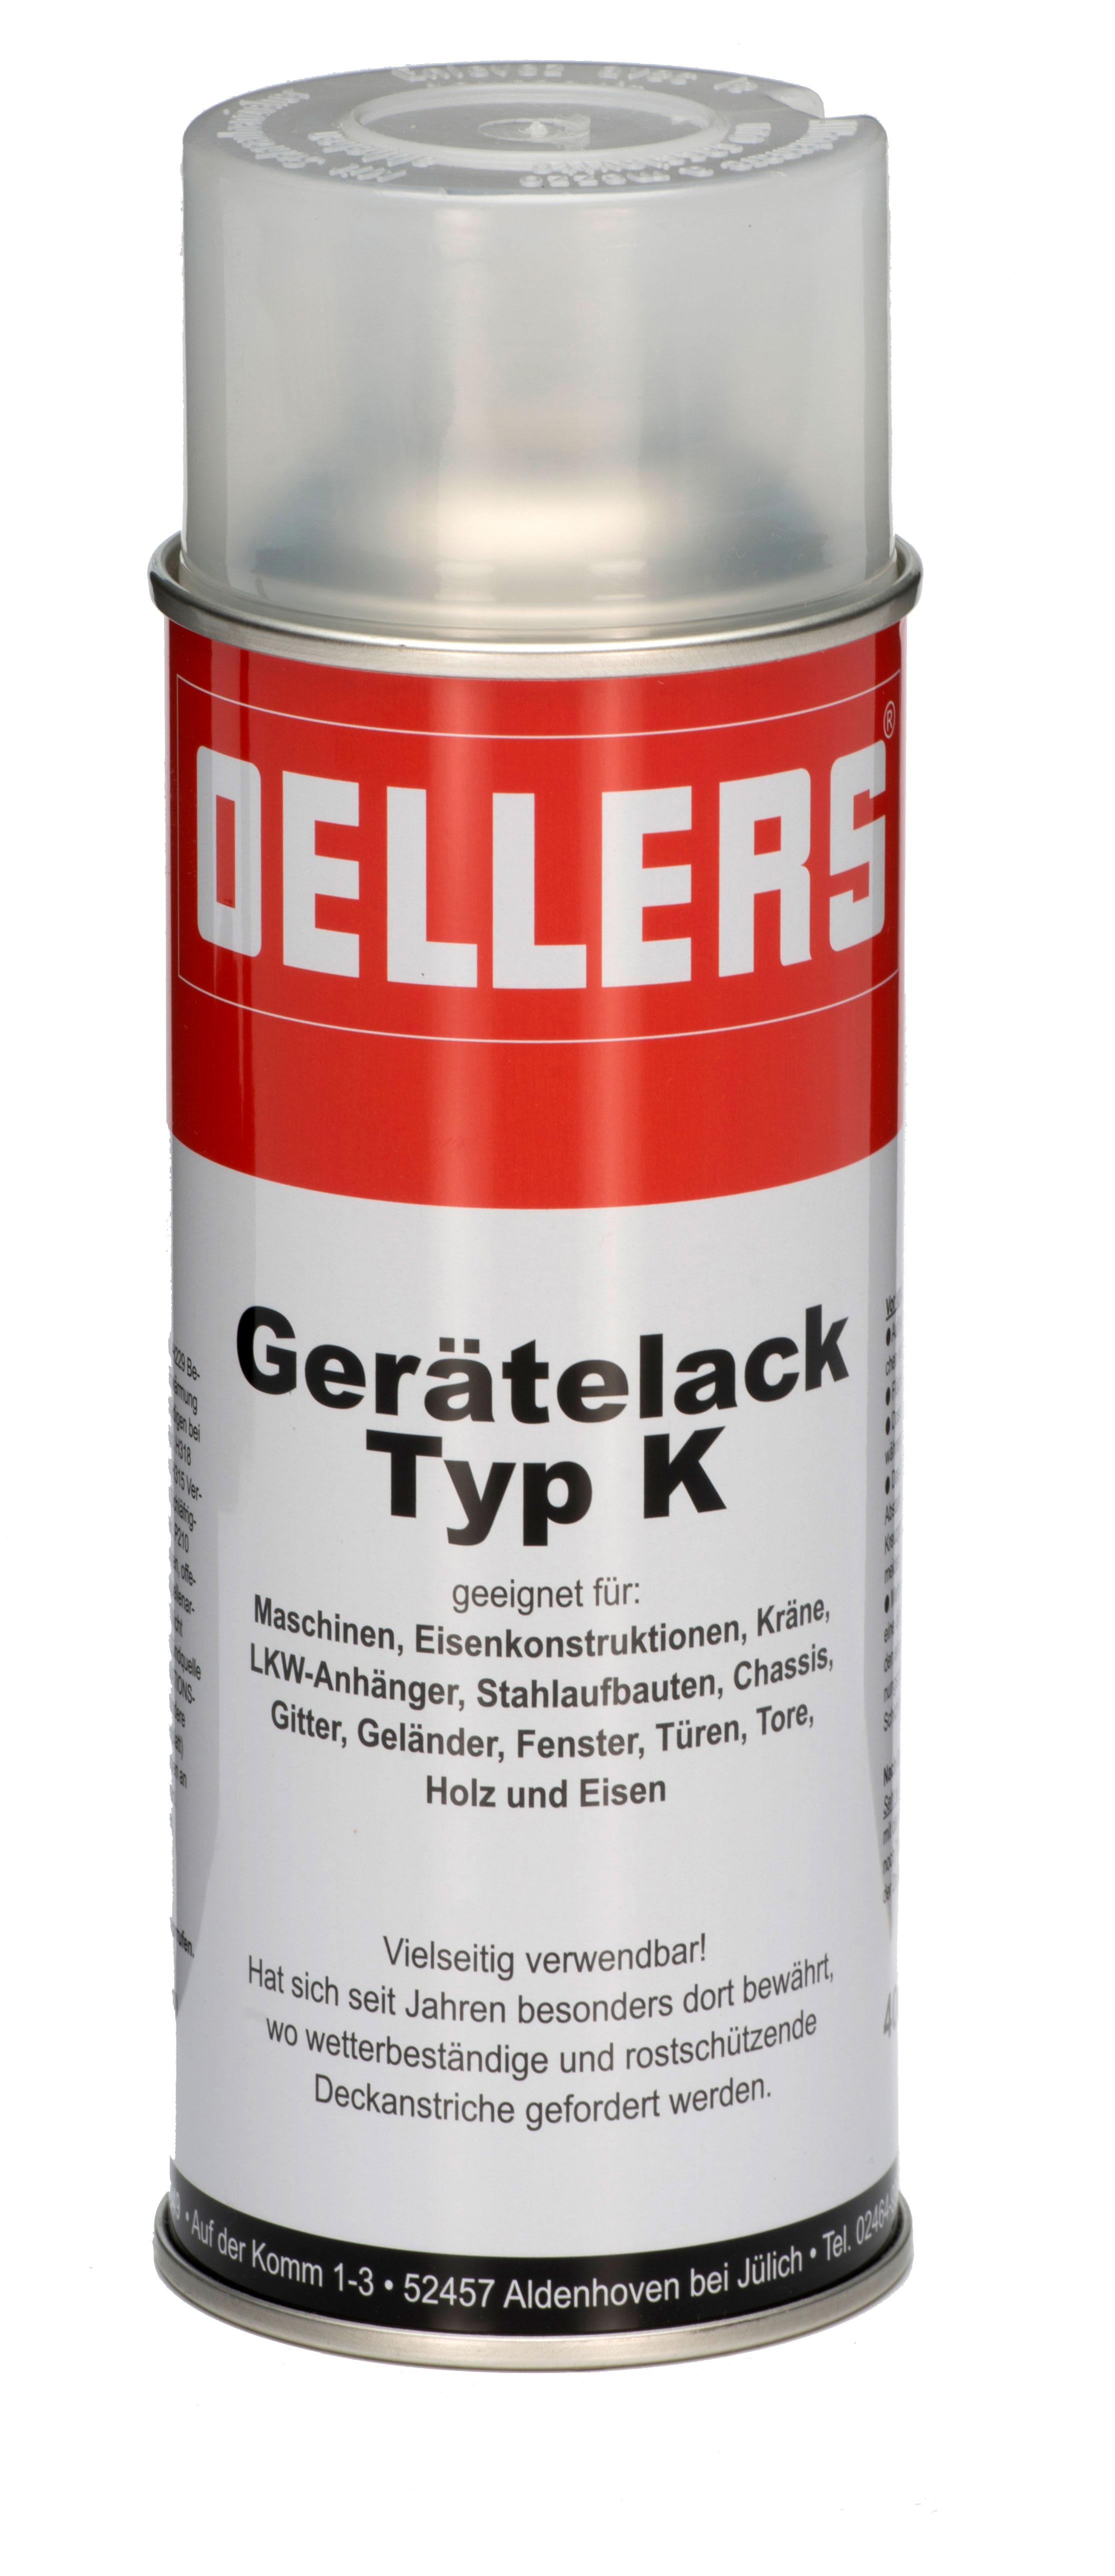 oellers ger telack typ k spraylack hinterl sst auf metall und holz eine licht und. Black Bedroom Furniture Sets. Home Design Ideas